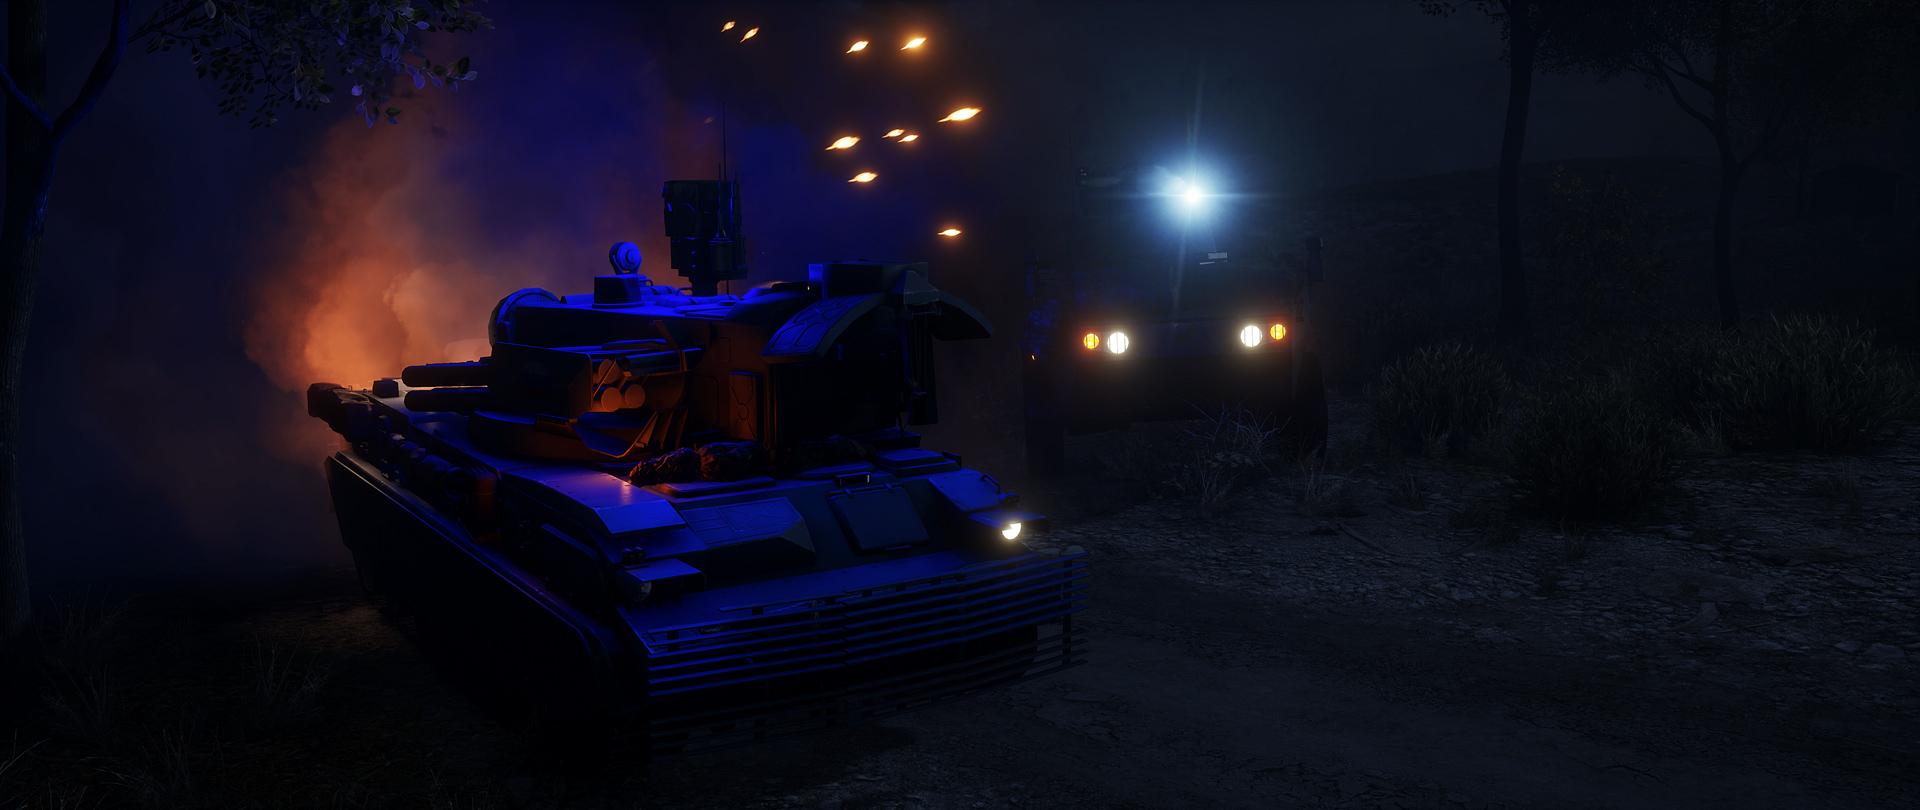 Ukázky z nočních multiplayerových bitev v Battlefieldu 4 106916